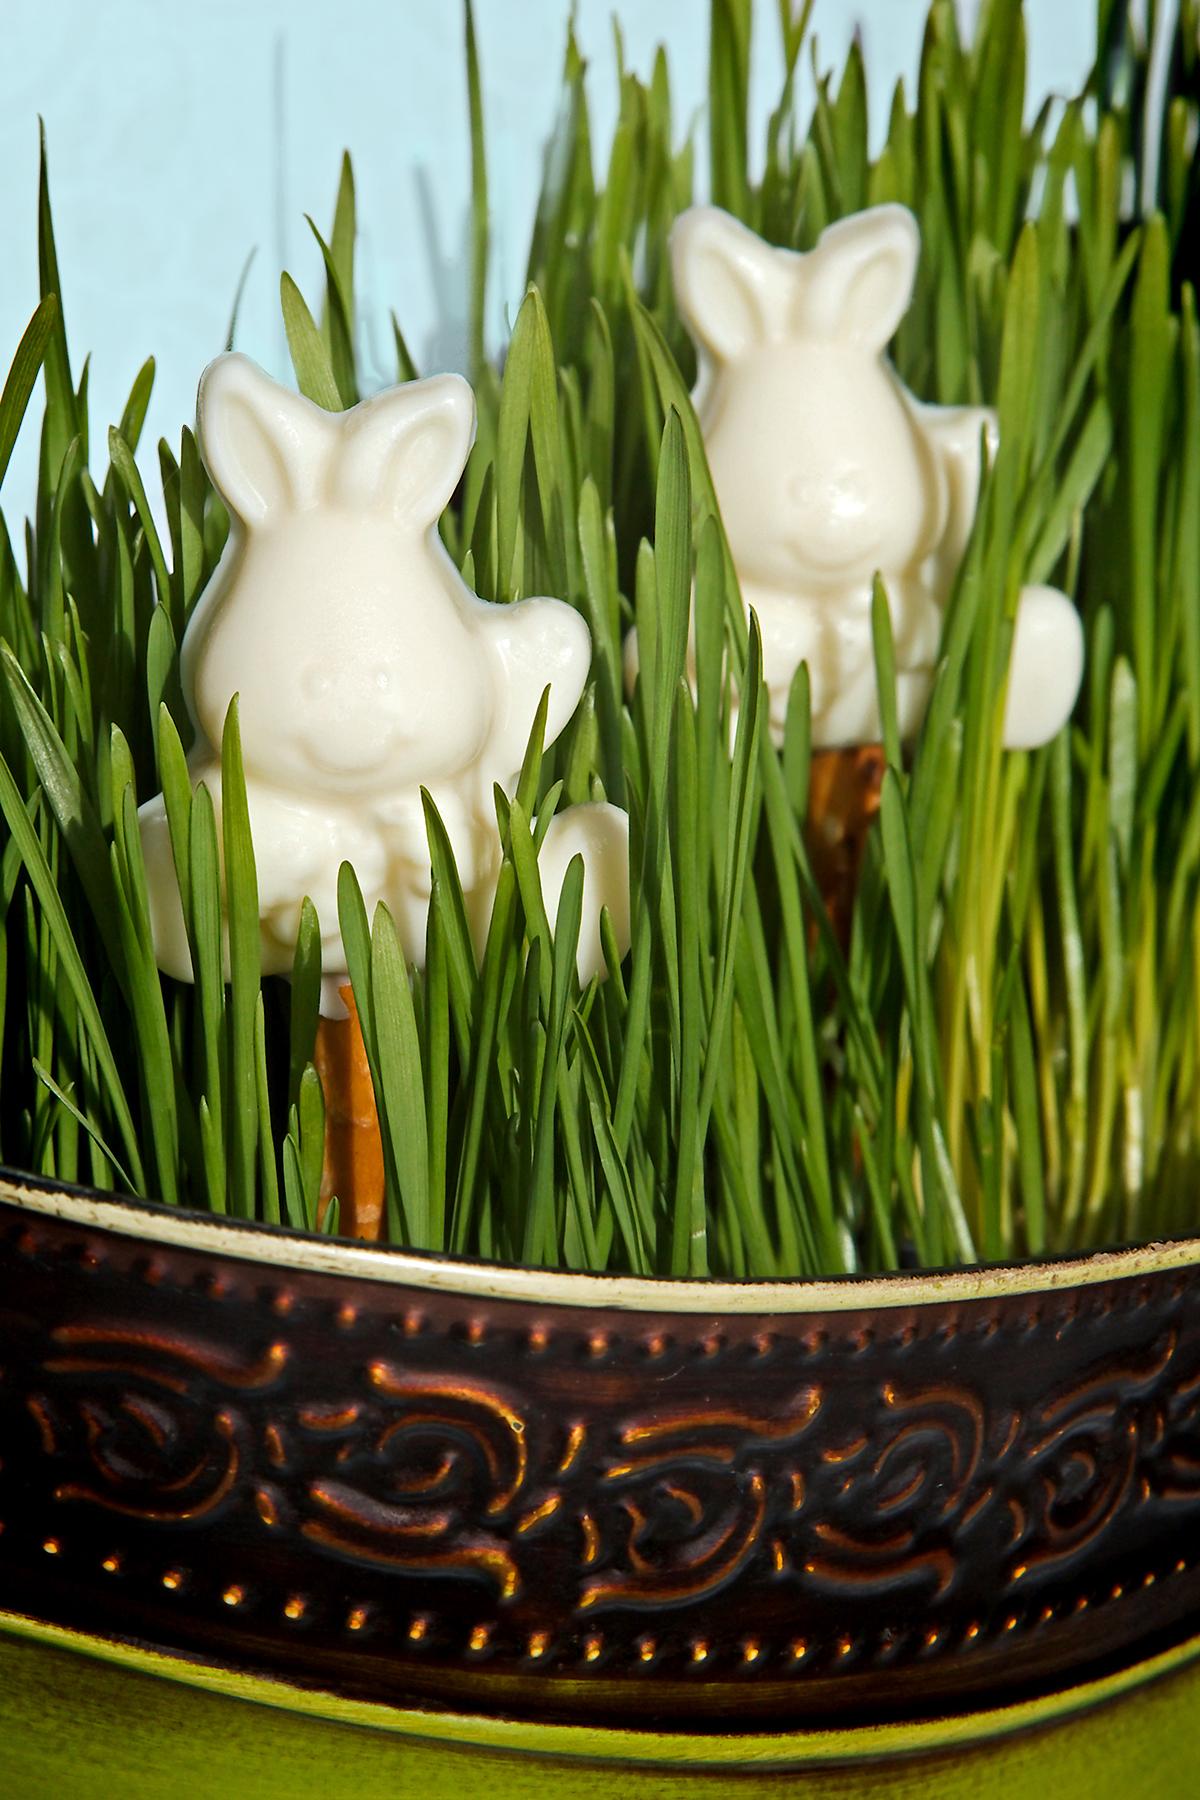 Bunny Pretzels